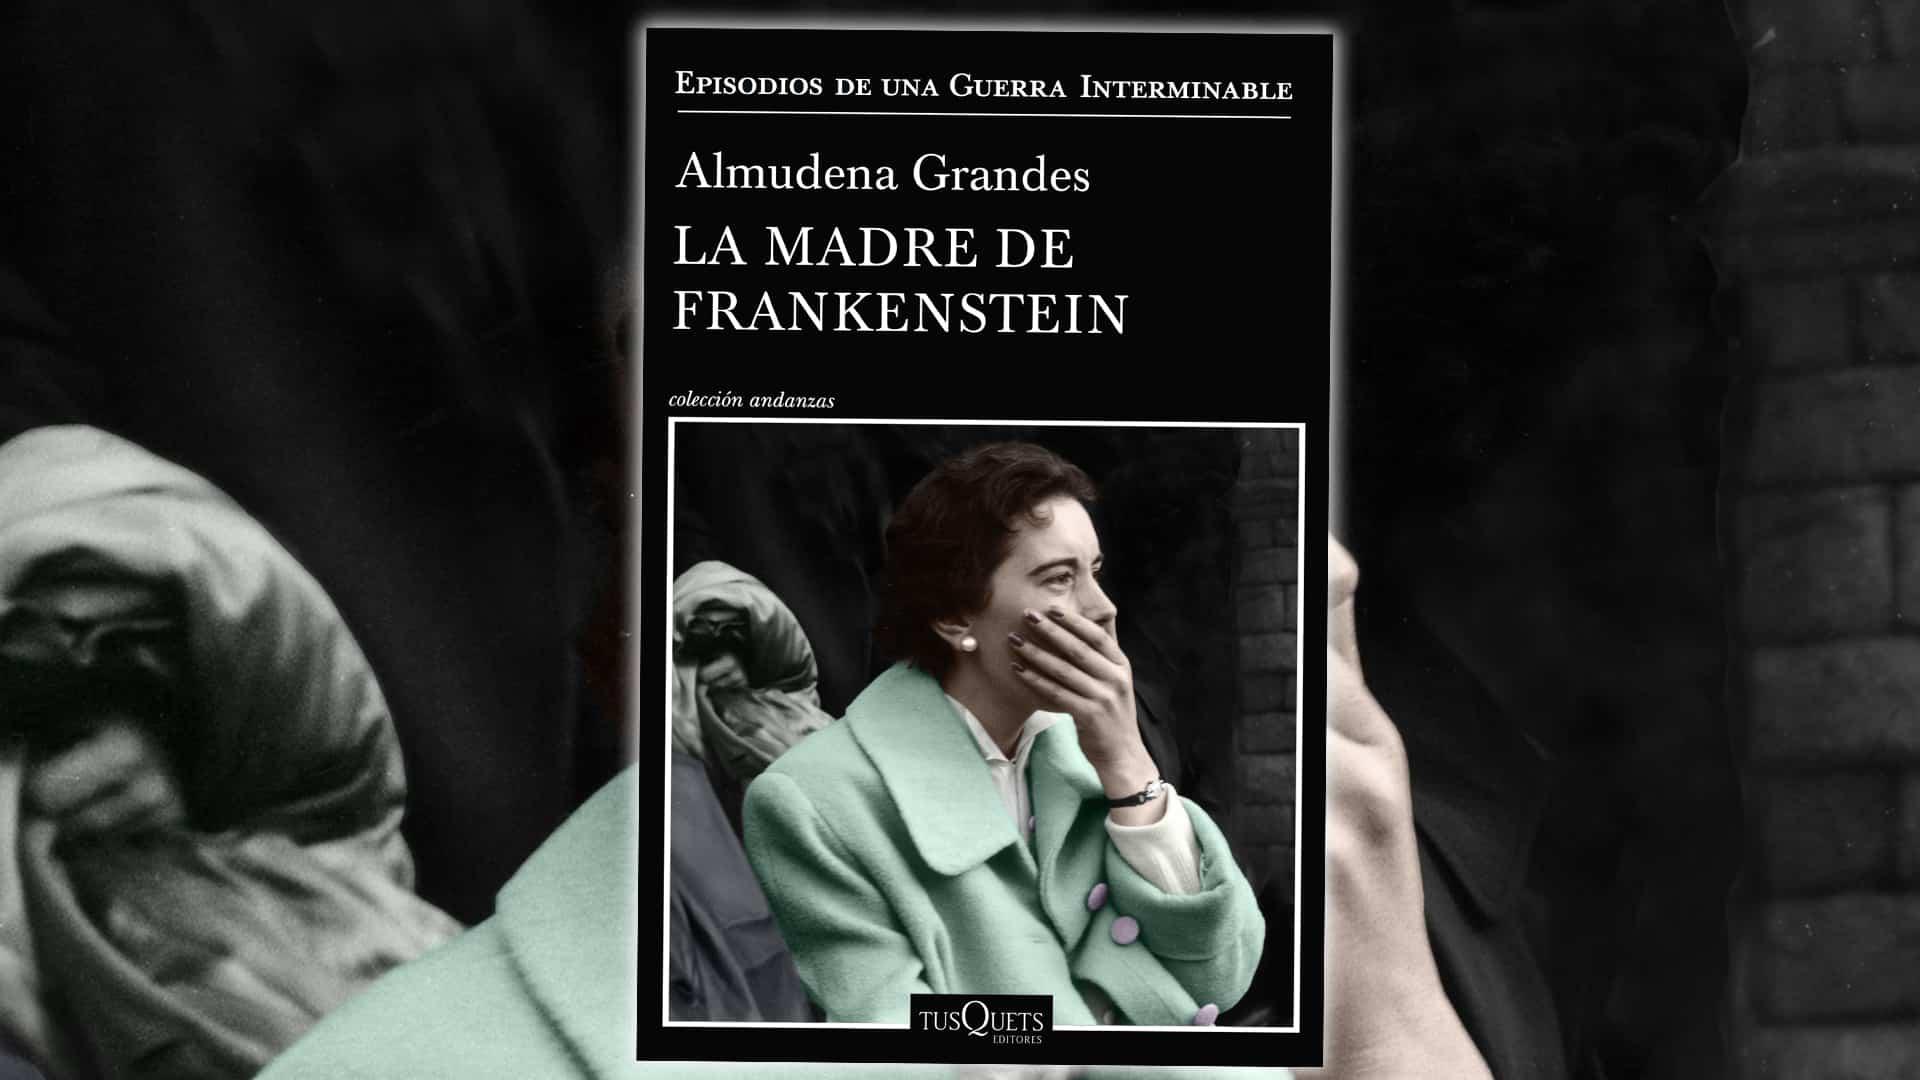 Próximamente, faltan 9 días: La madre de Frankenstein Almudena Grandes